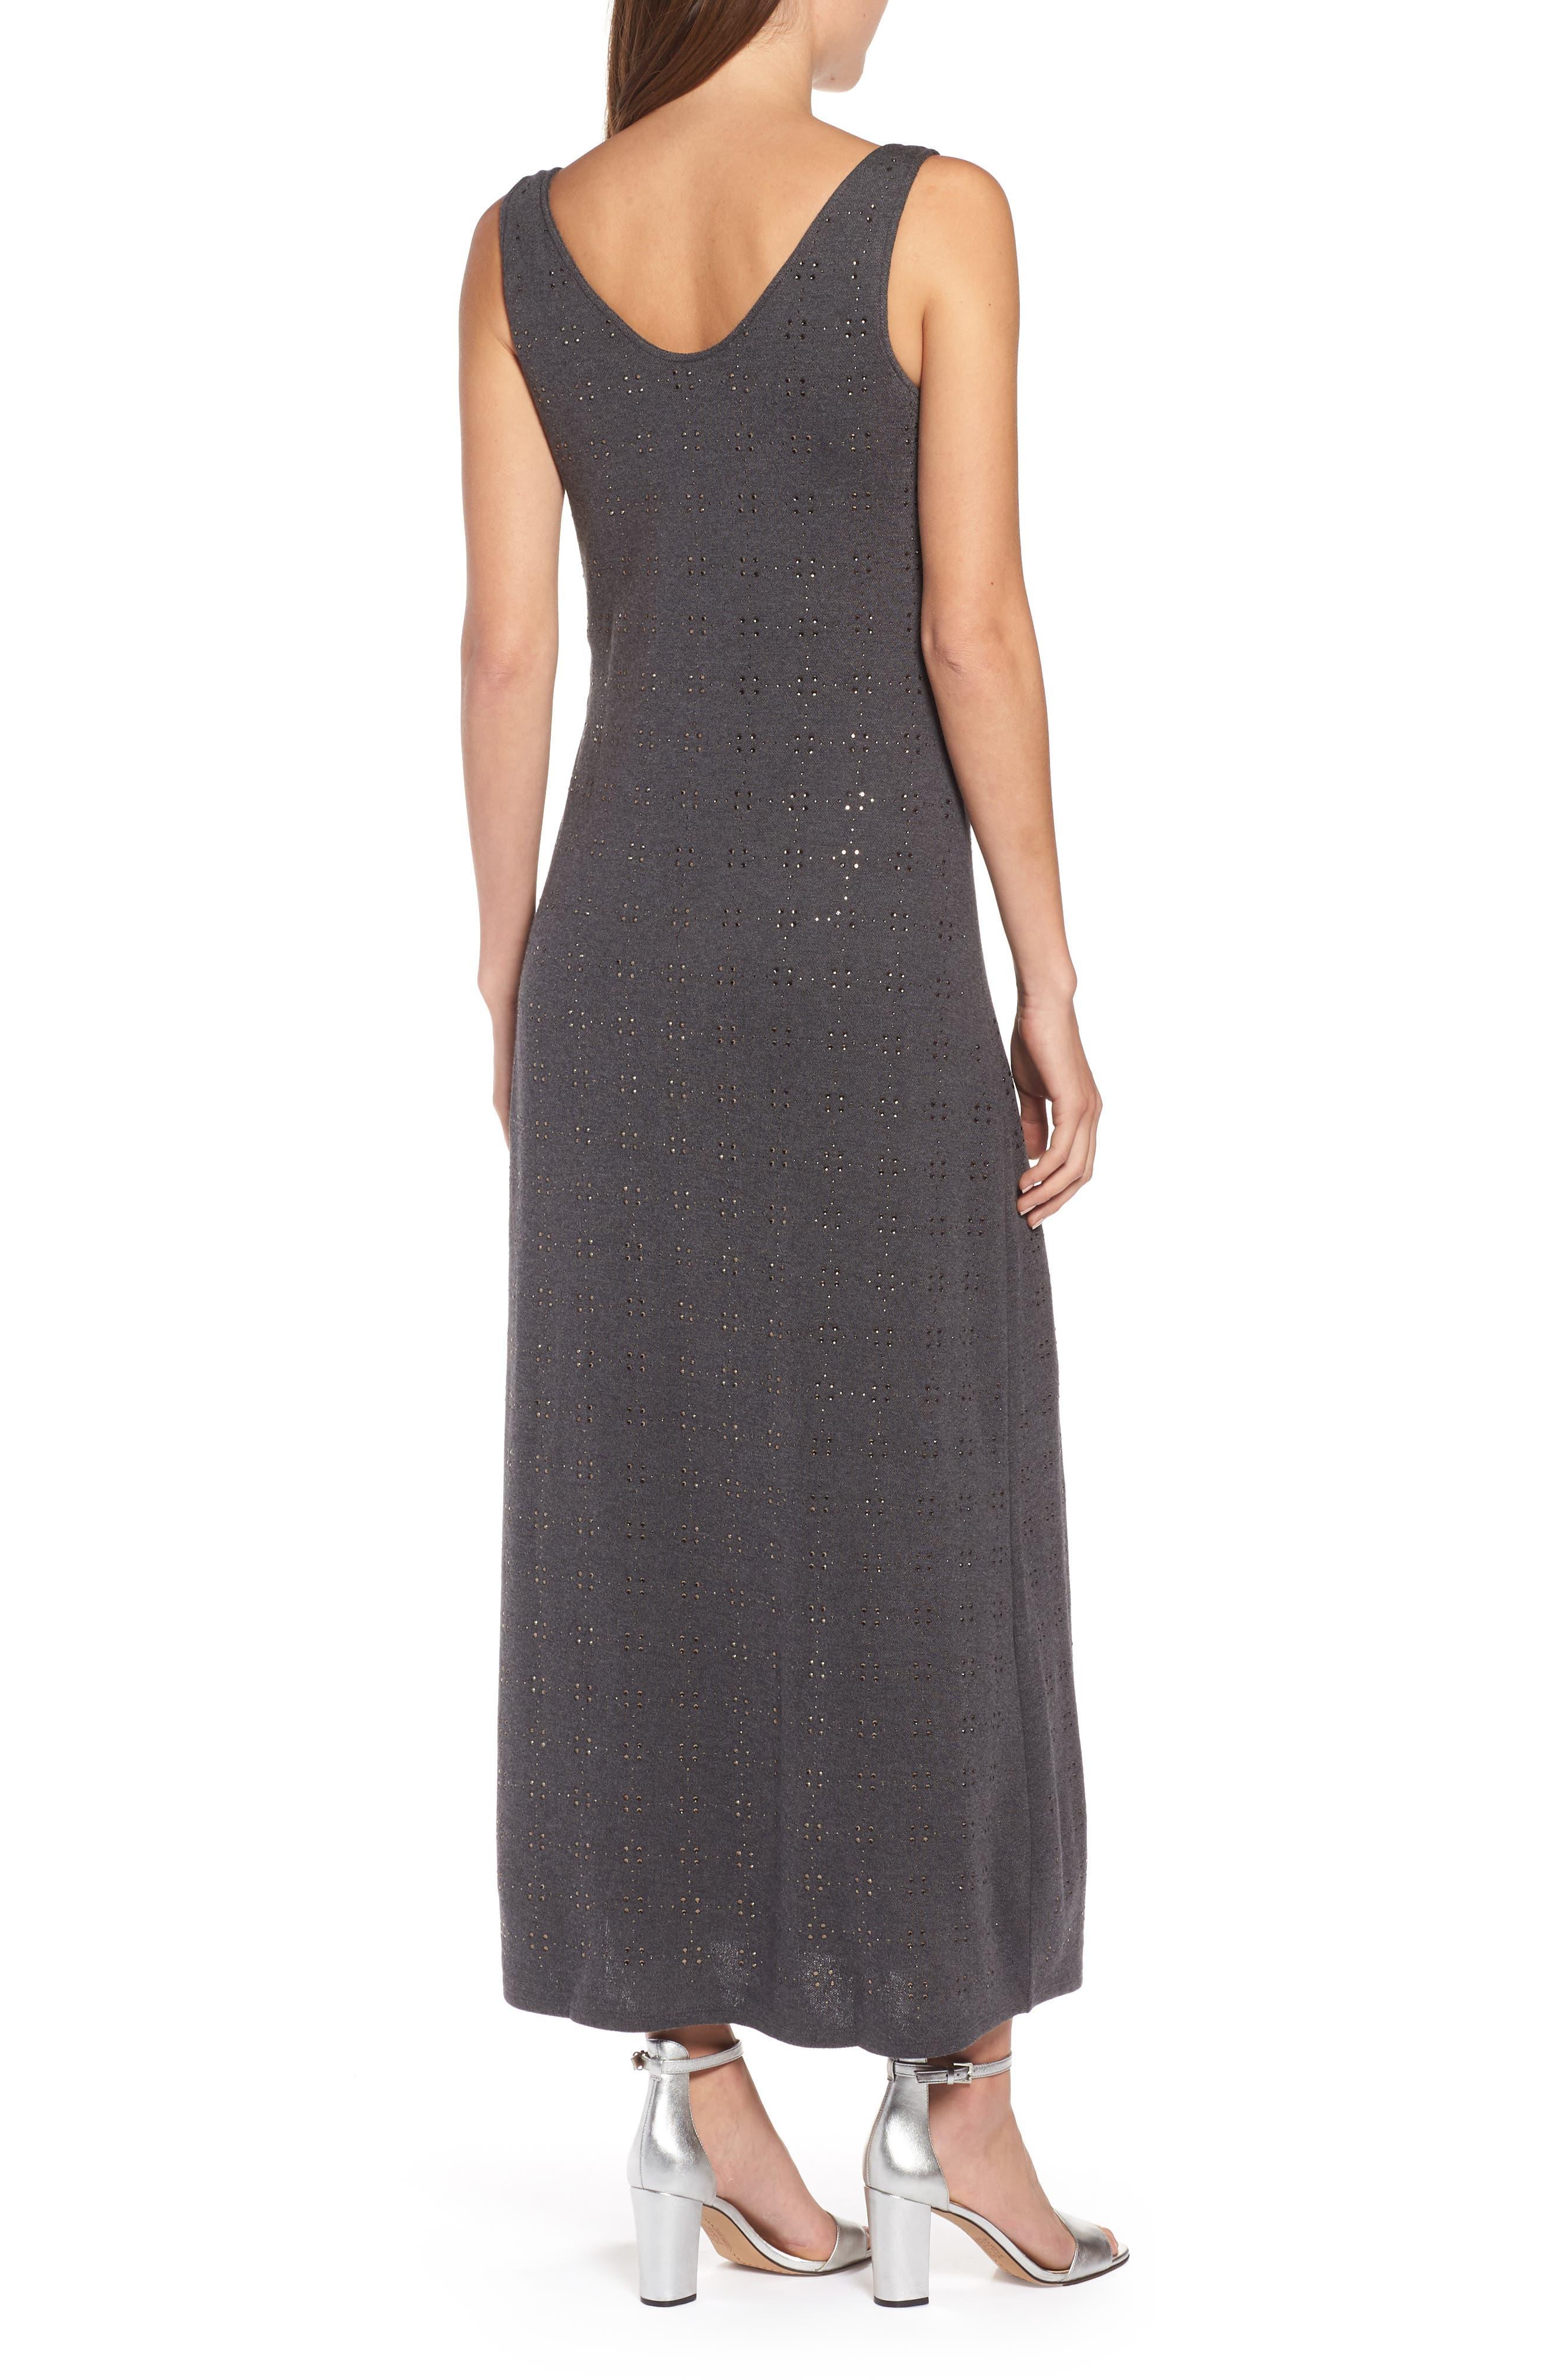 Subtle Shine Dress,                             Alternate thumbnail 2, color,